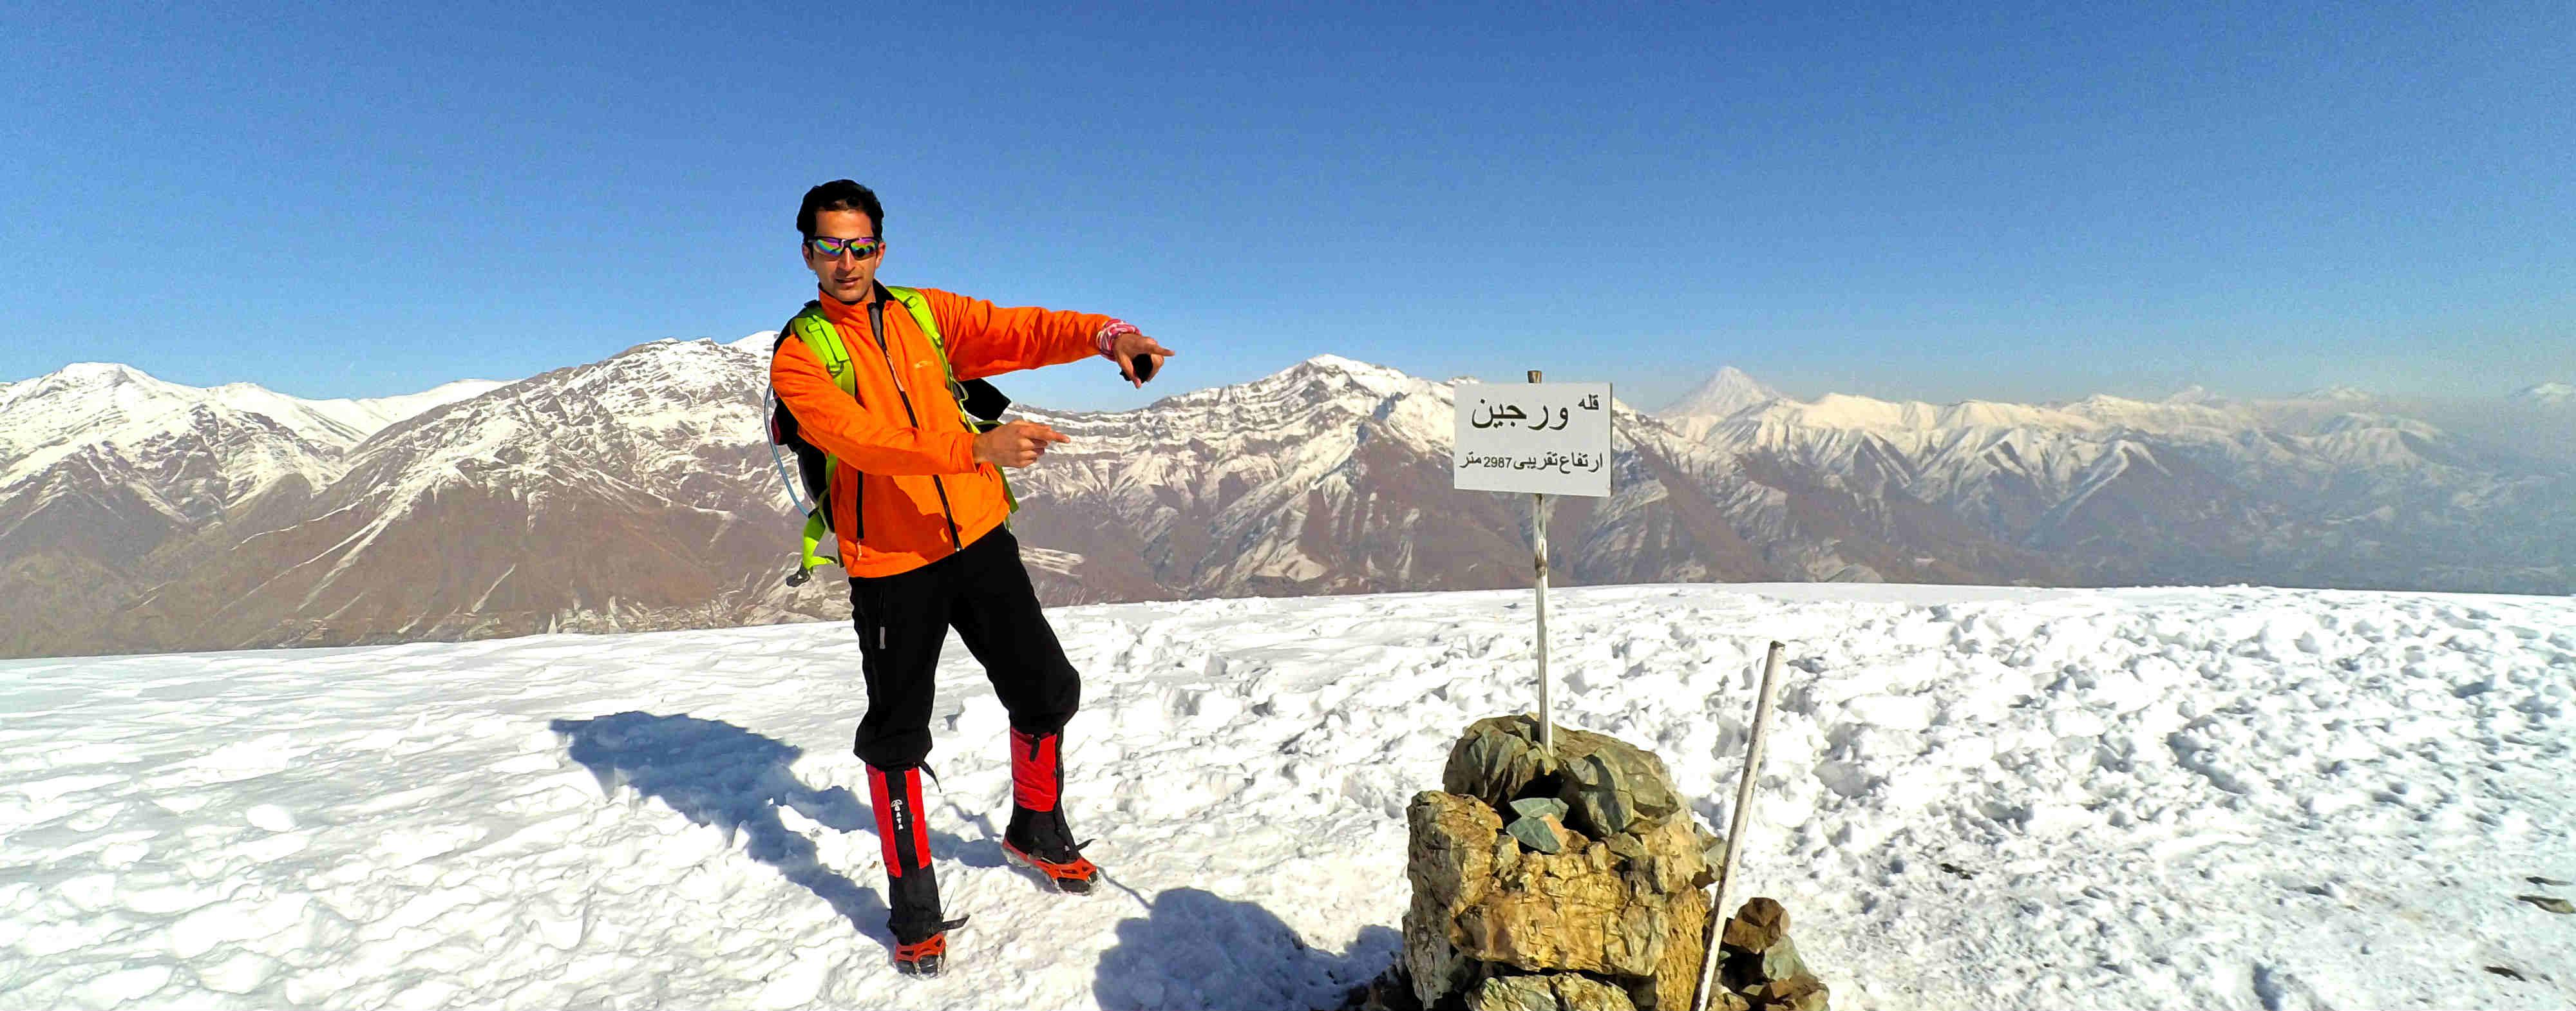 قله ورجین-رضاعسکری